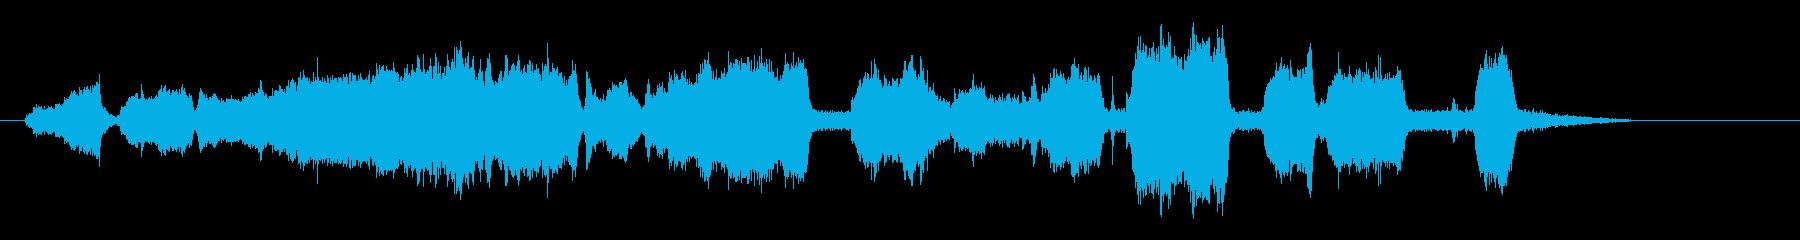 グラインダーのメタル;機械回転スト...の再生済みの波形